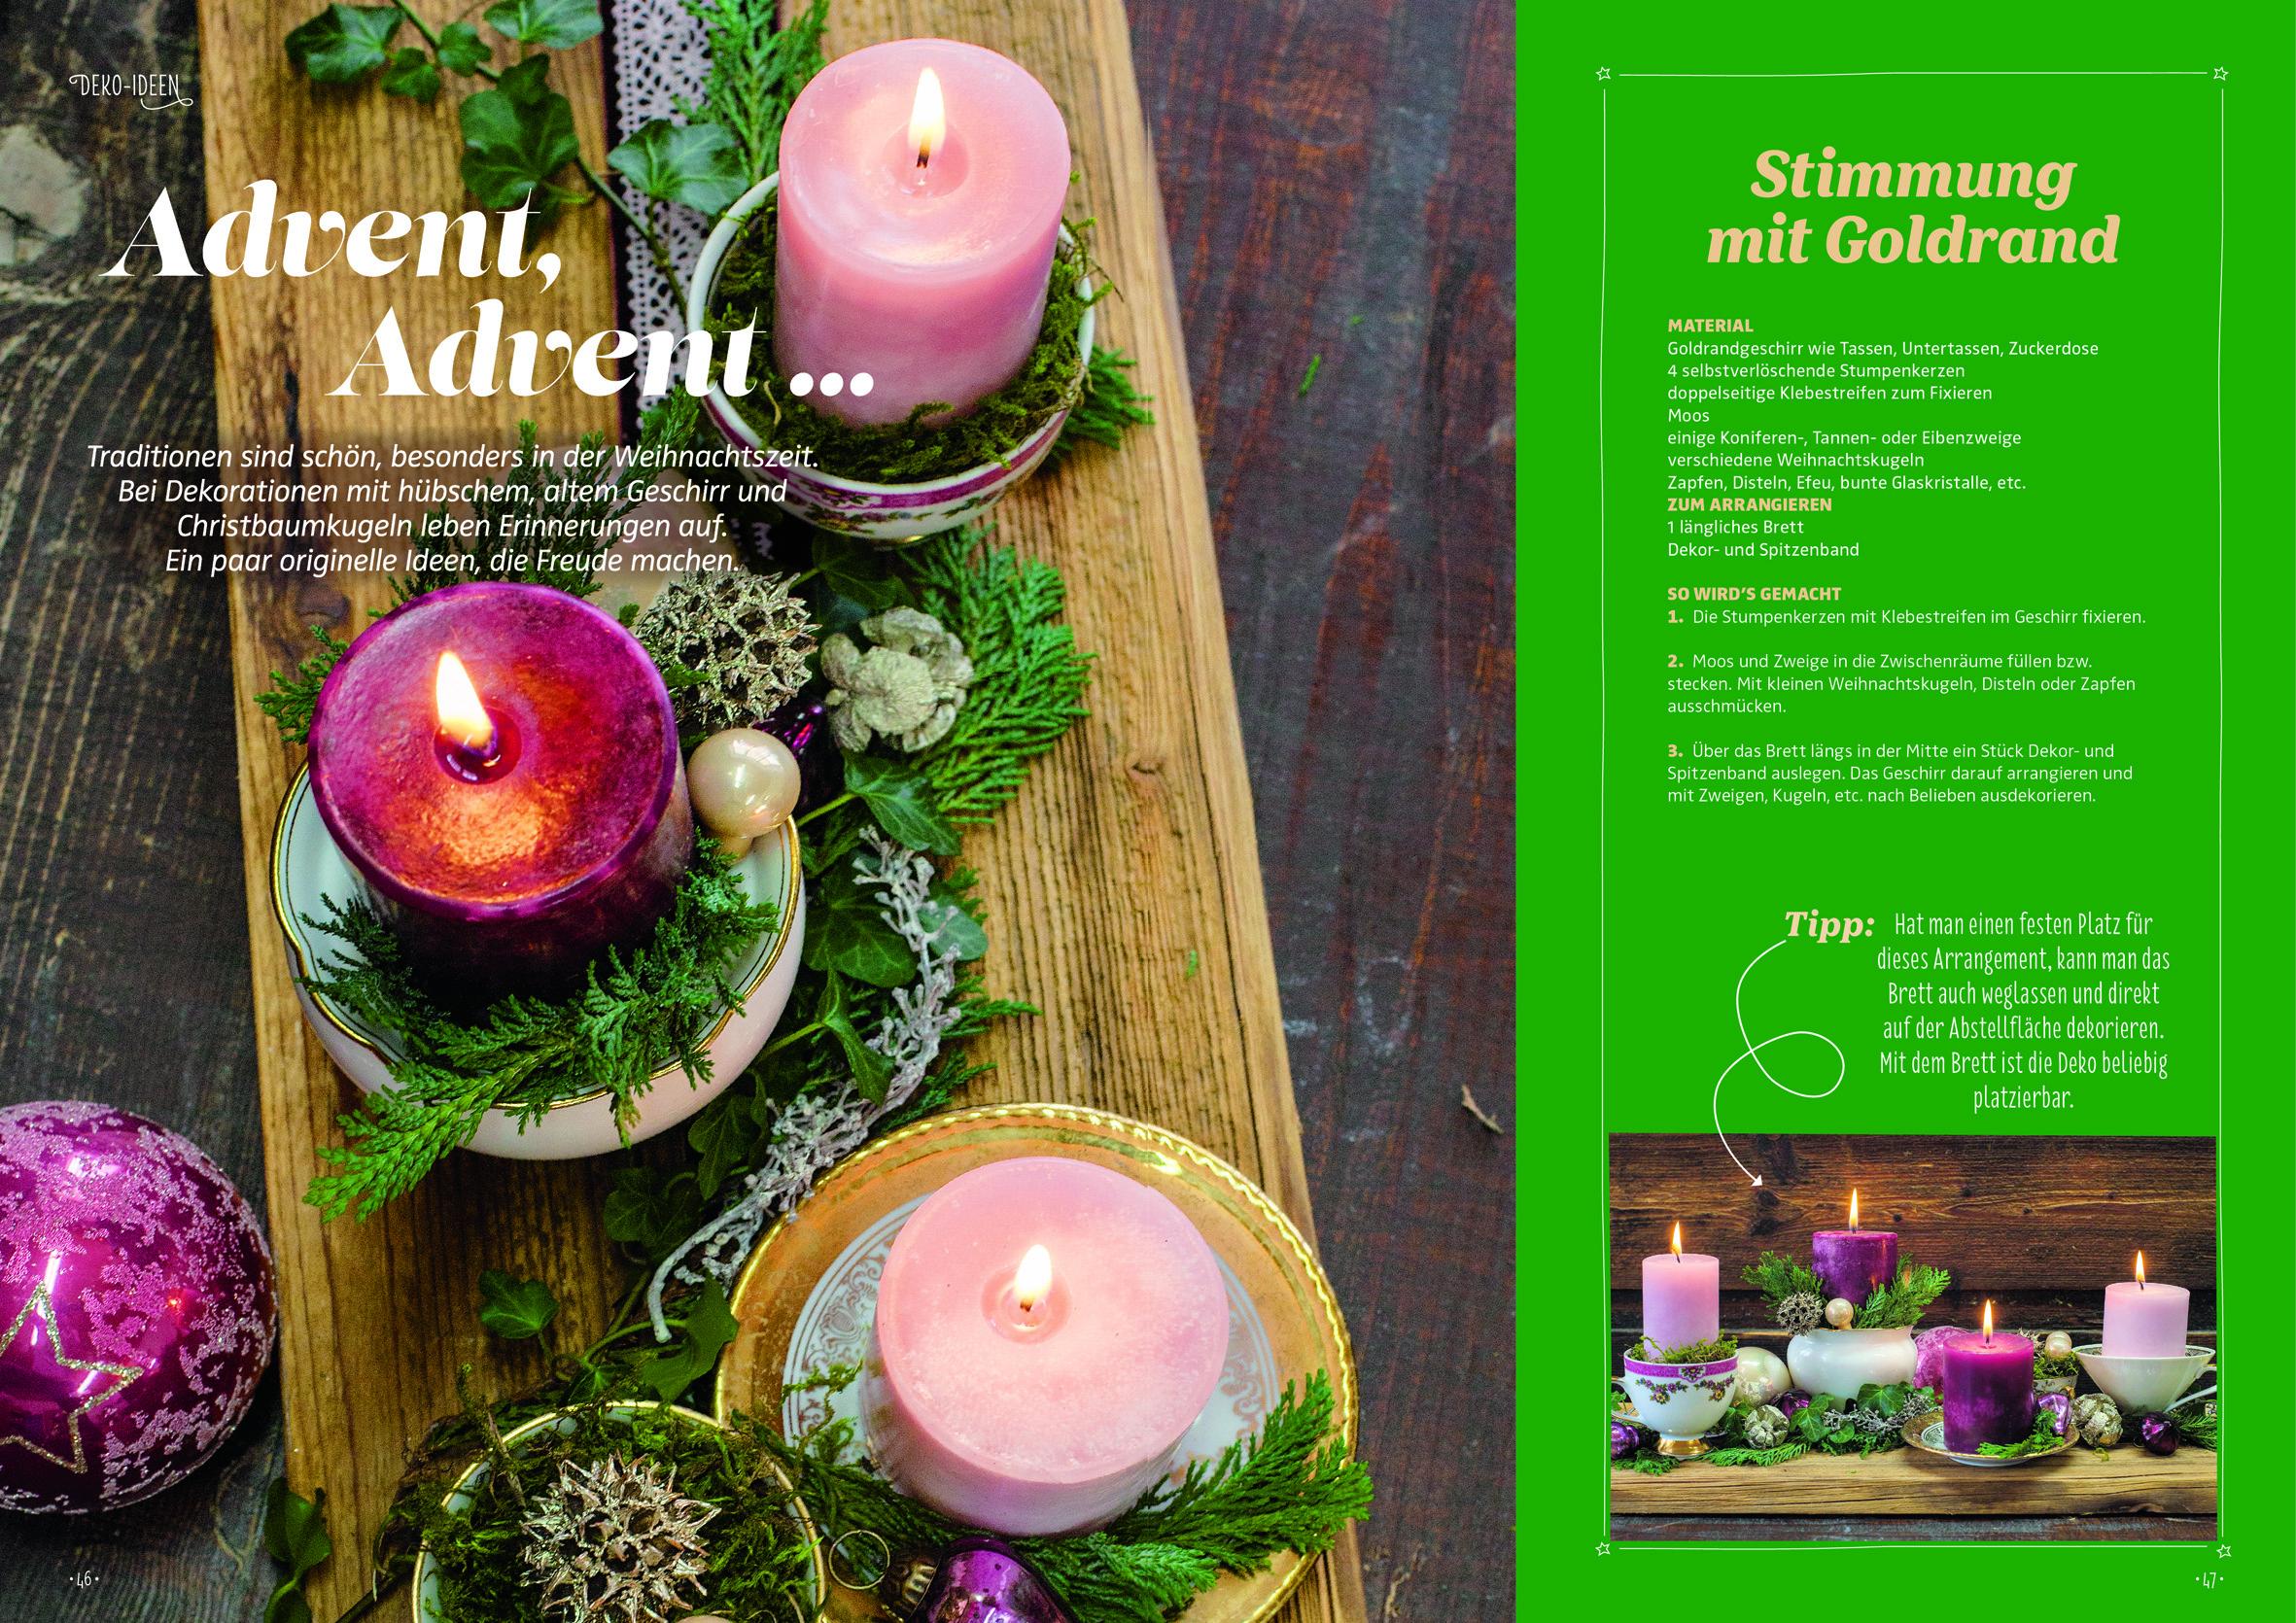 Frohe Weihnachten Jager.Sonderheft Frohe Weihnacht Dlv Deutscher Landwirtschaftsverlag